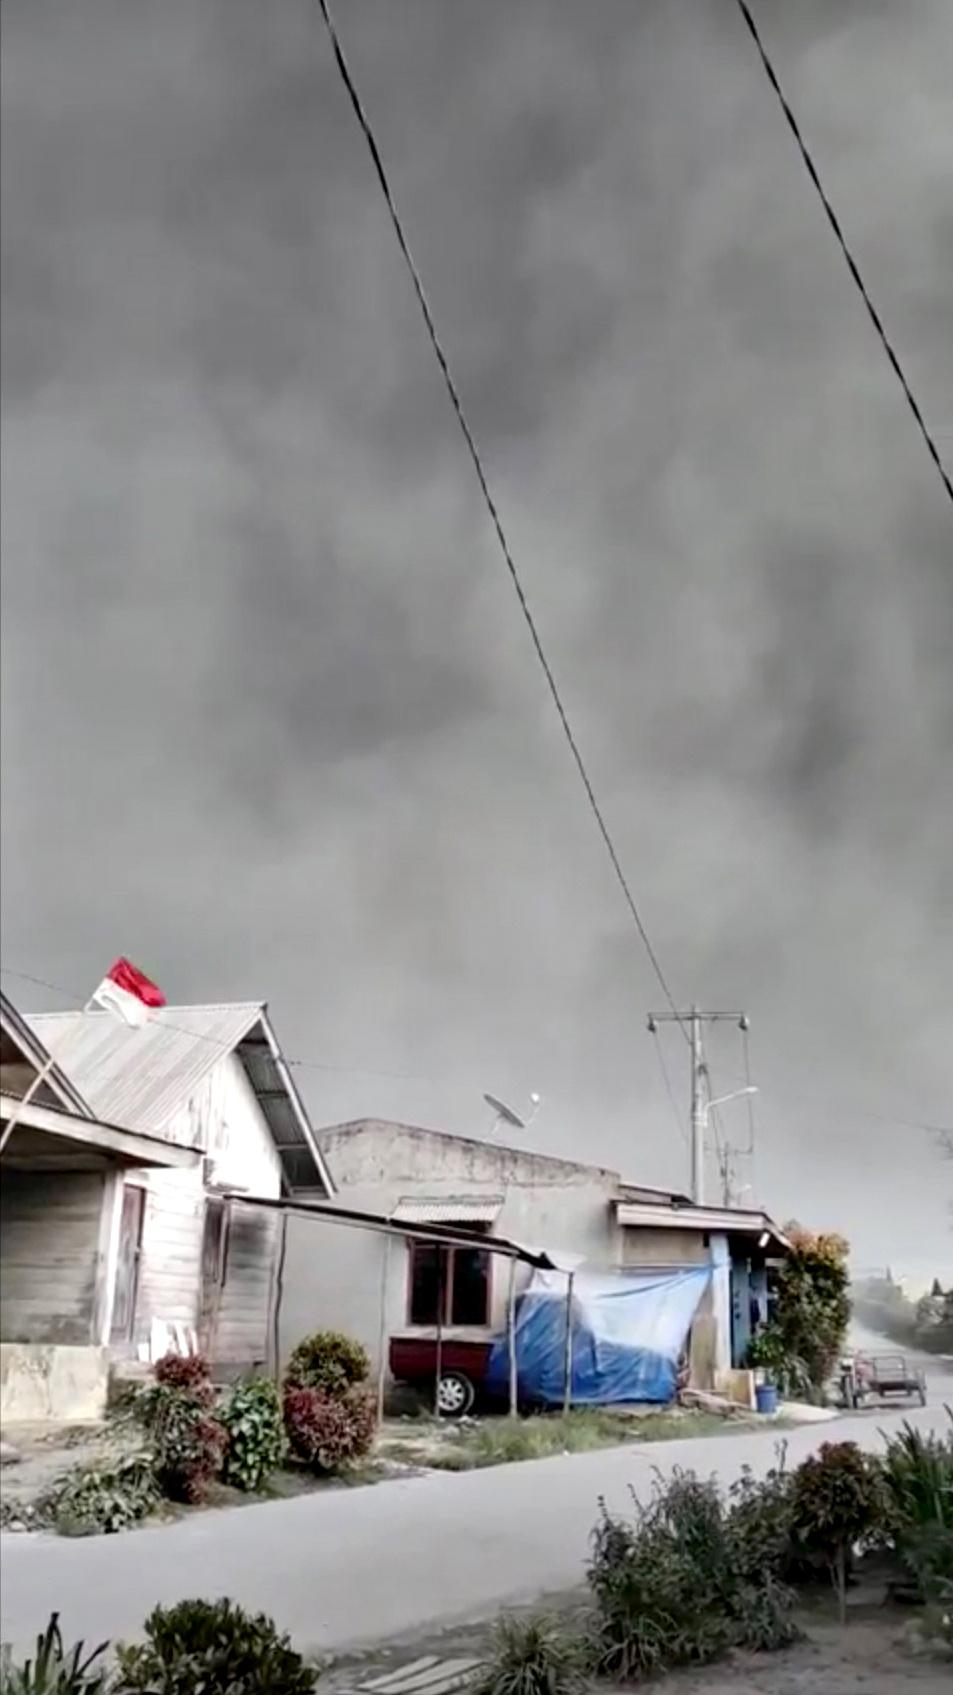 Cenizas volcánicas en Karo en una imagen tomada de las redes sociales (Fachrur Rozi Pasi via REUTERS)